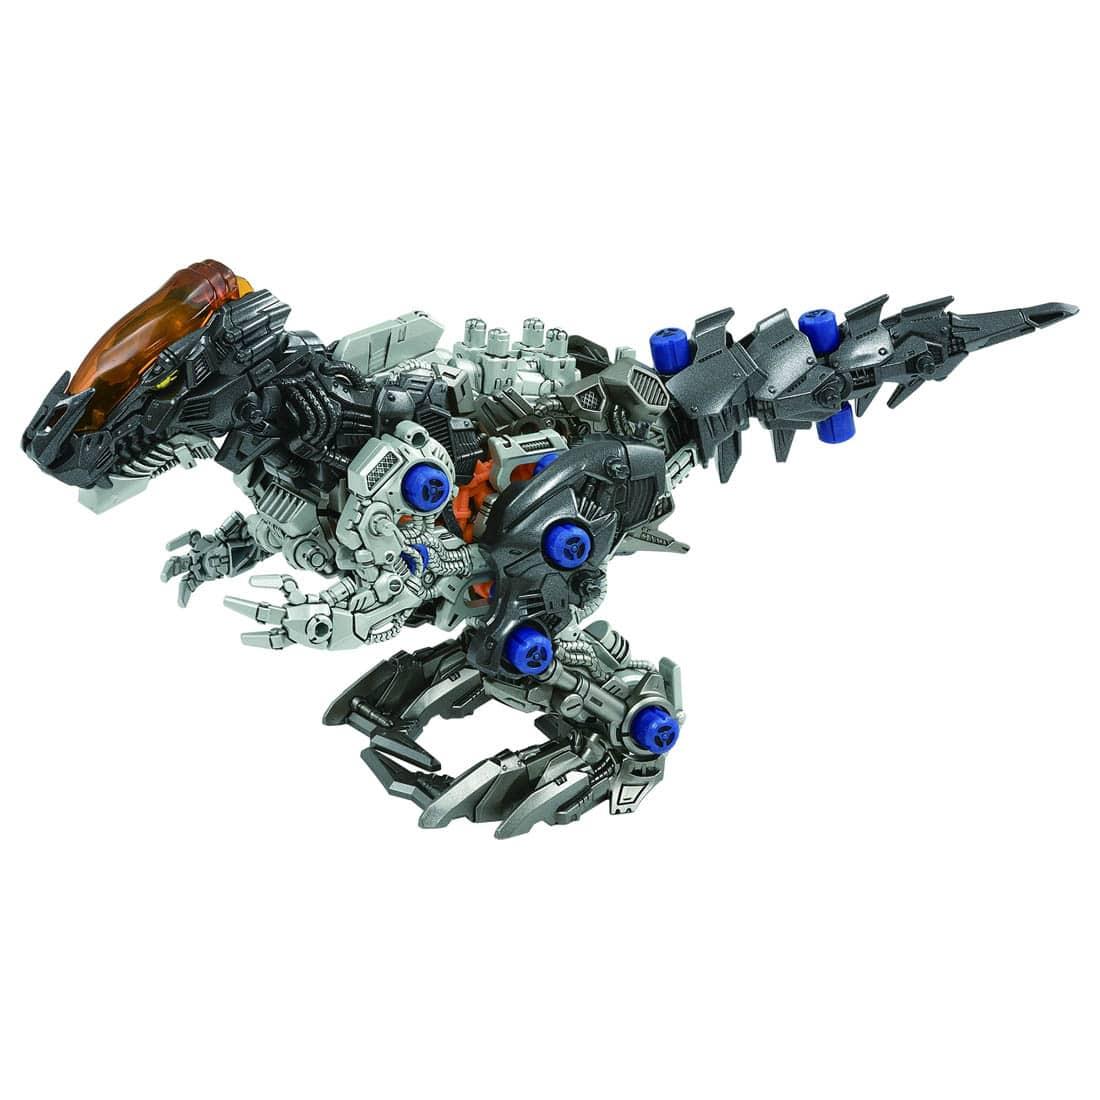 ゾイドワイルド『ZW58 ゼノレックス・バスターXA』組み立て可動フィギュア-007